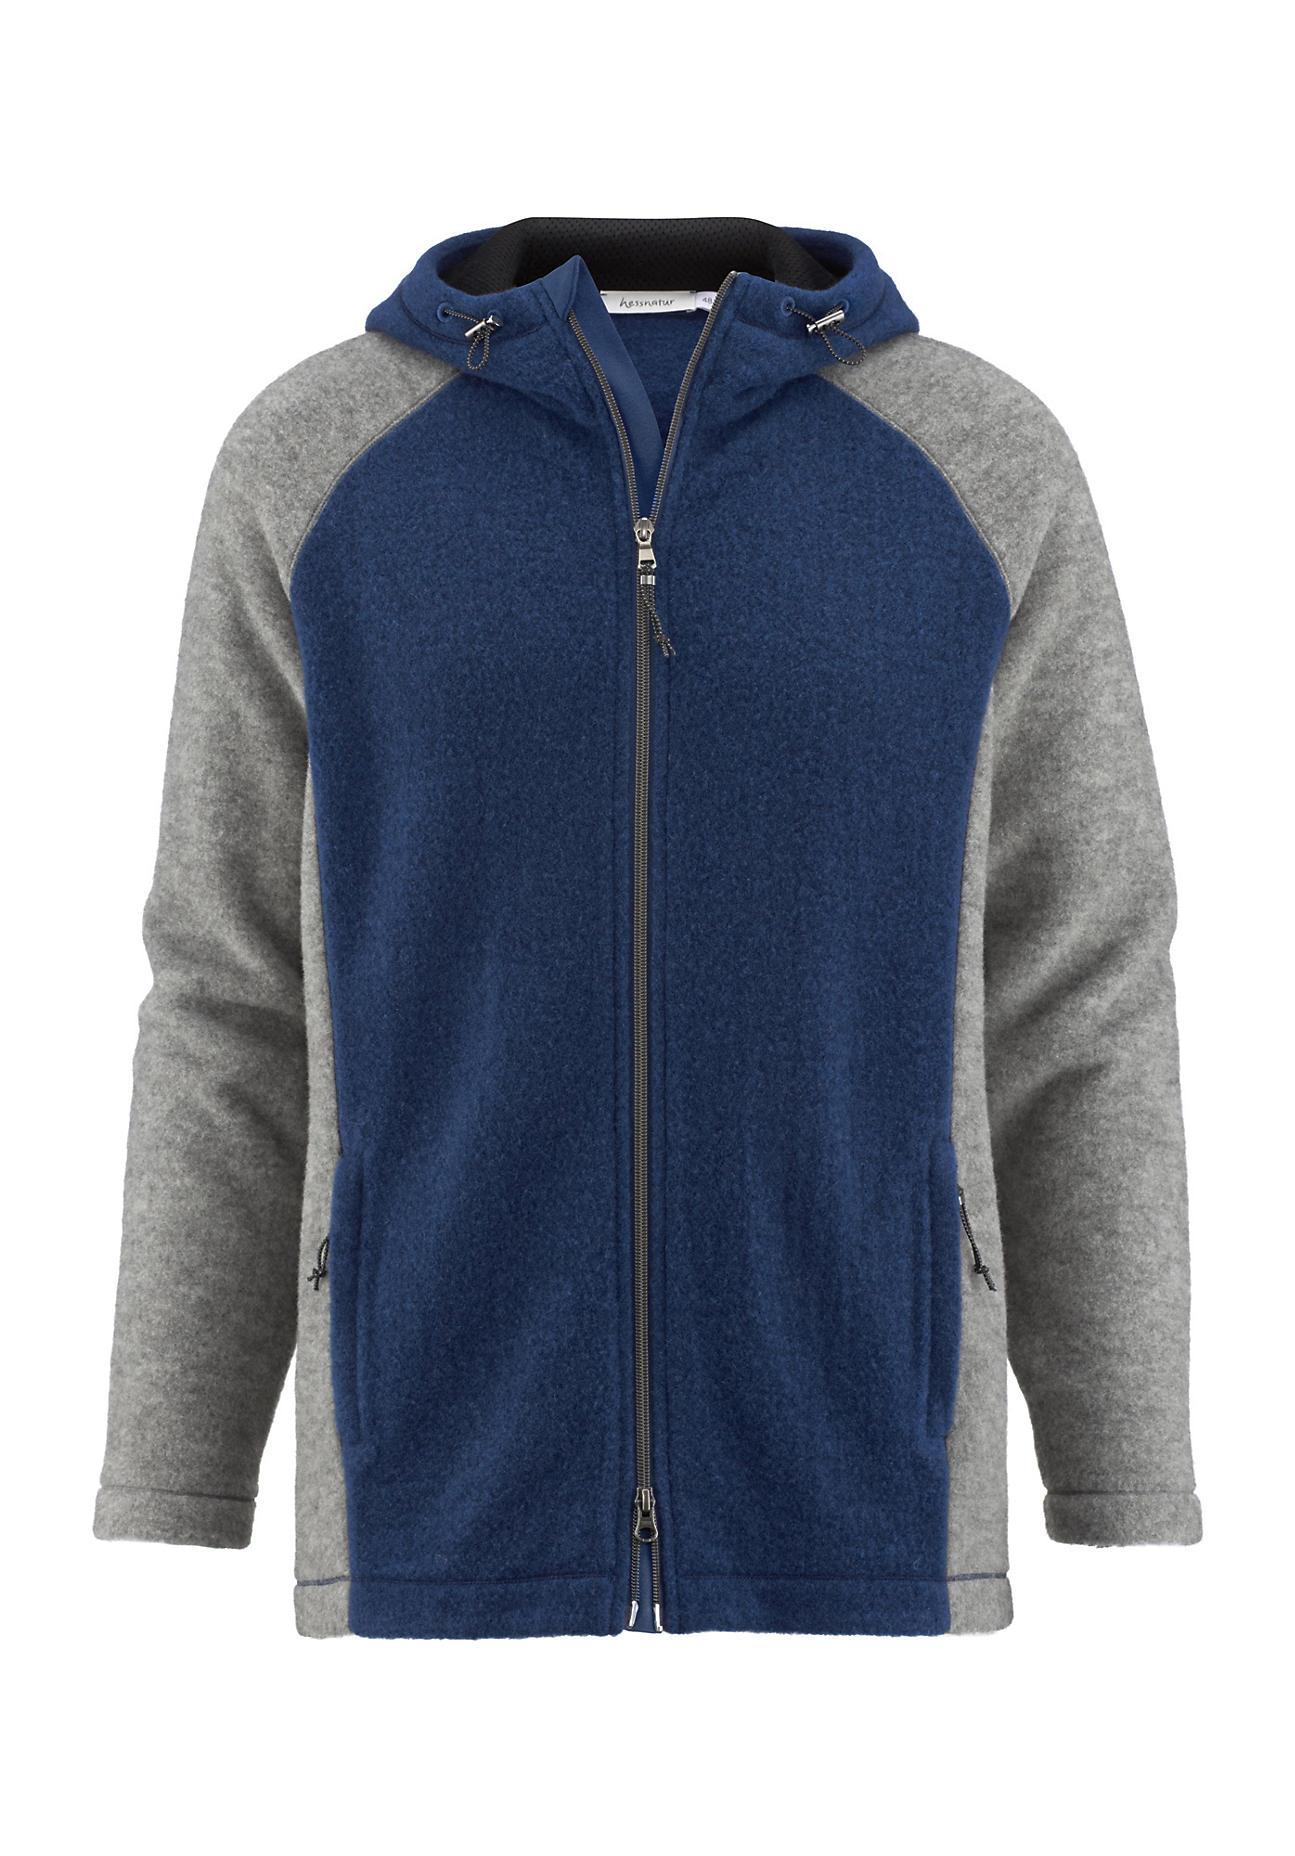 hessnatur Herren-Outdoor Wollfleece Jacke aus Bio-Schurwolle – blau – Größe 50   Sportbekleidung > Sportjacken > Outdoorjacken   hessnatur